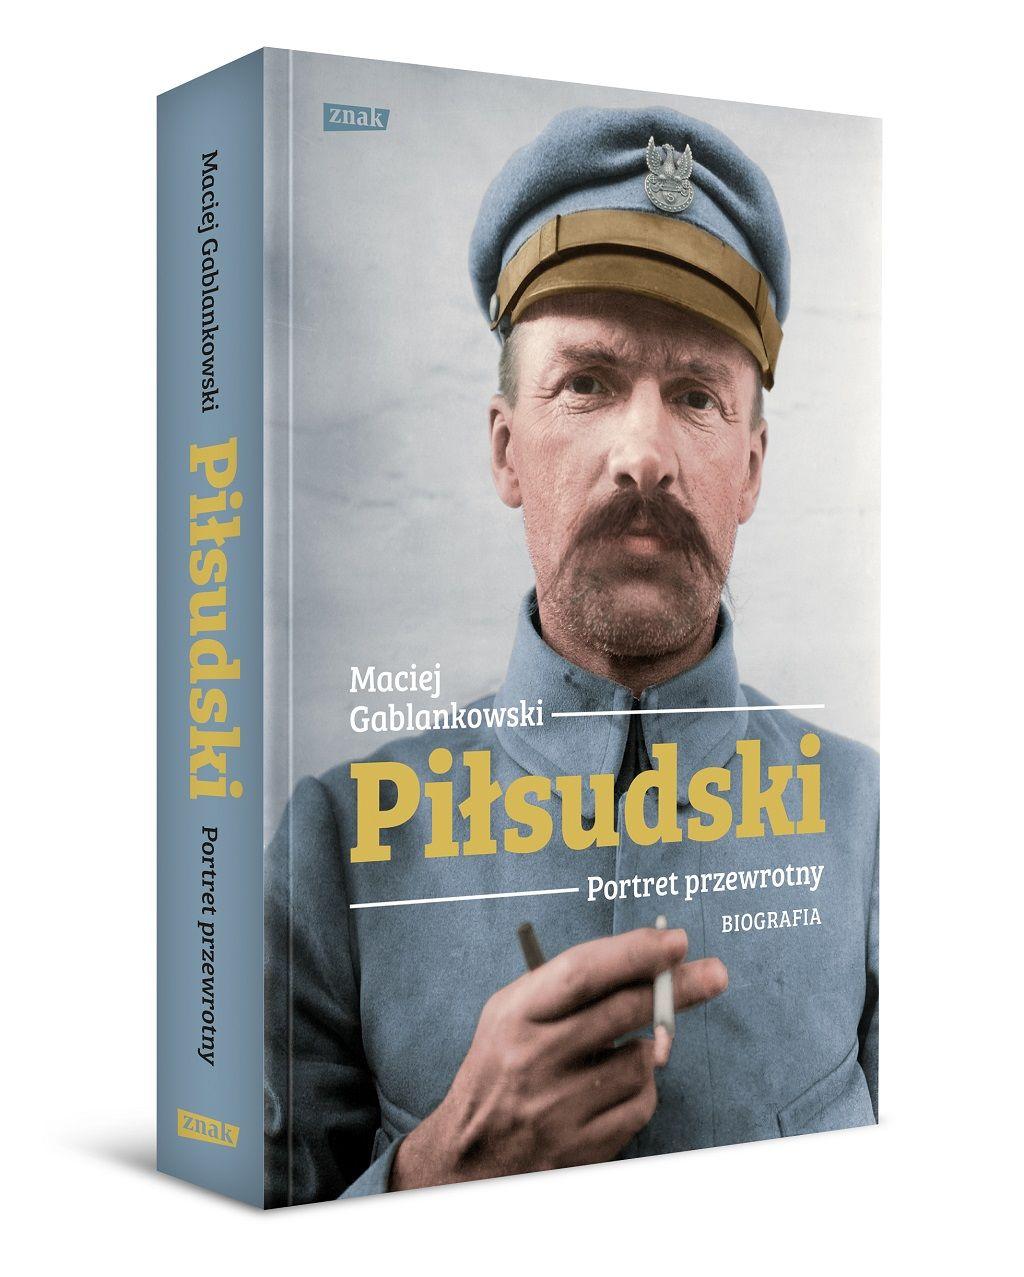 Maciej Gablankowski – Piłsudski. Portret przewrotny